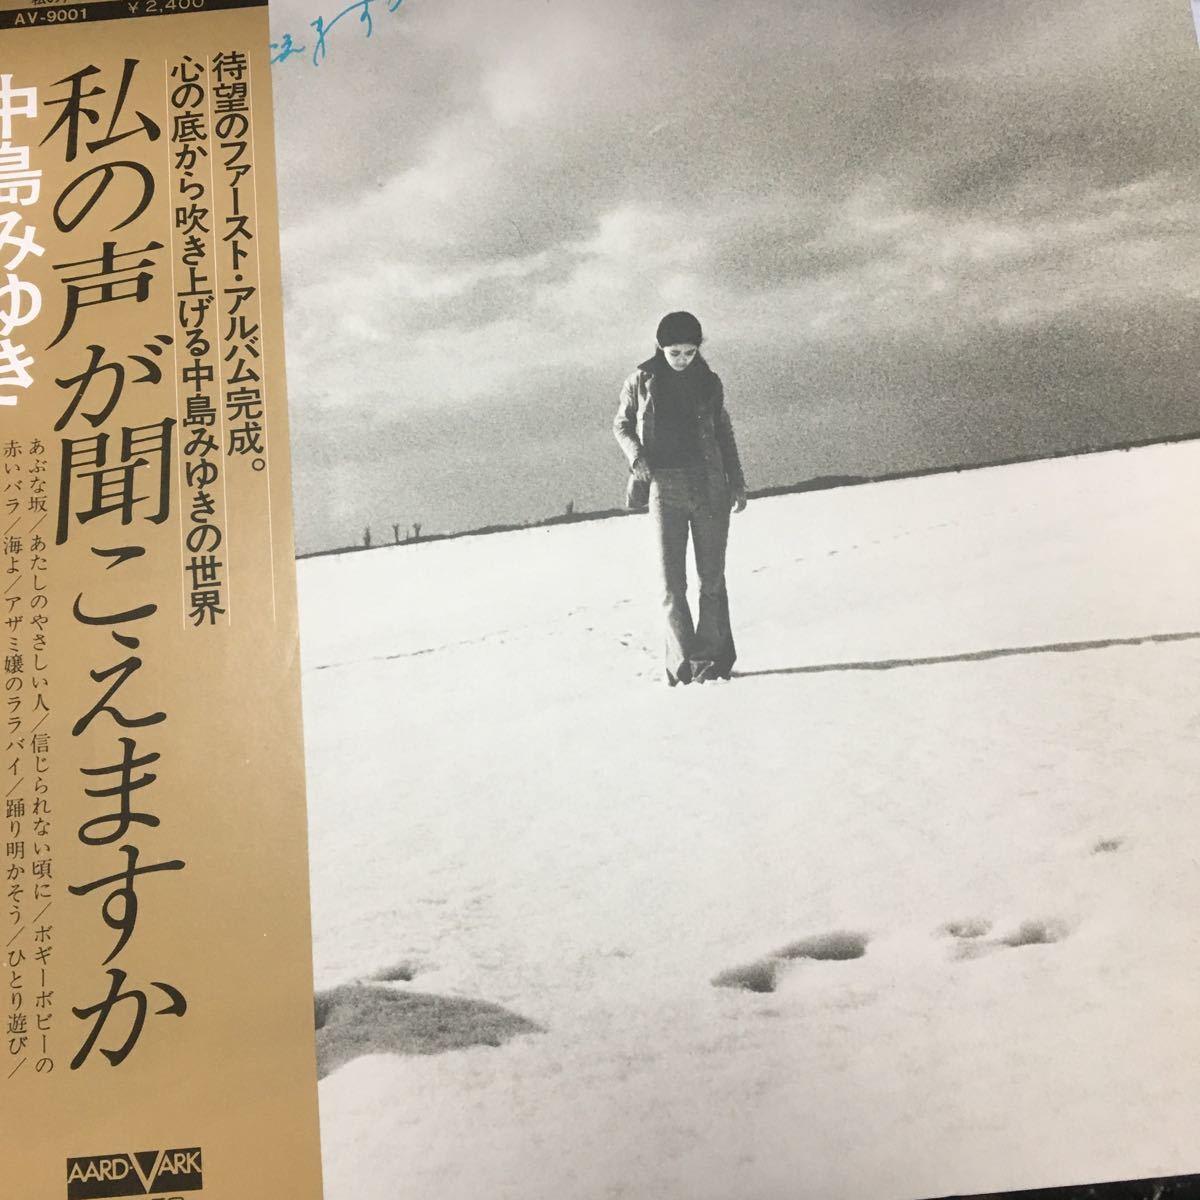 【中島みゆき・私の声が聞こえますか】ファーストアルバム LP レコード 時代 アザミ嬢のララバイ  1976年 YAMAHA【20/02 J2】_画像1